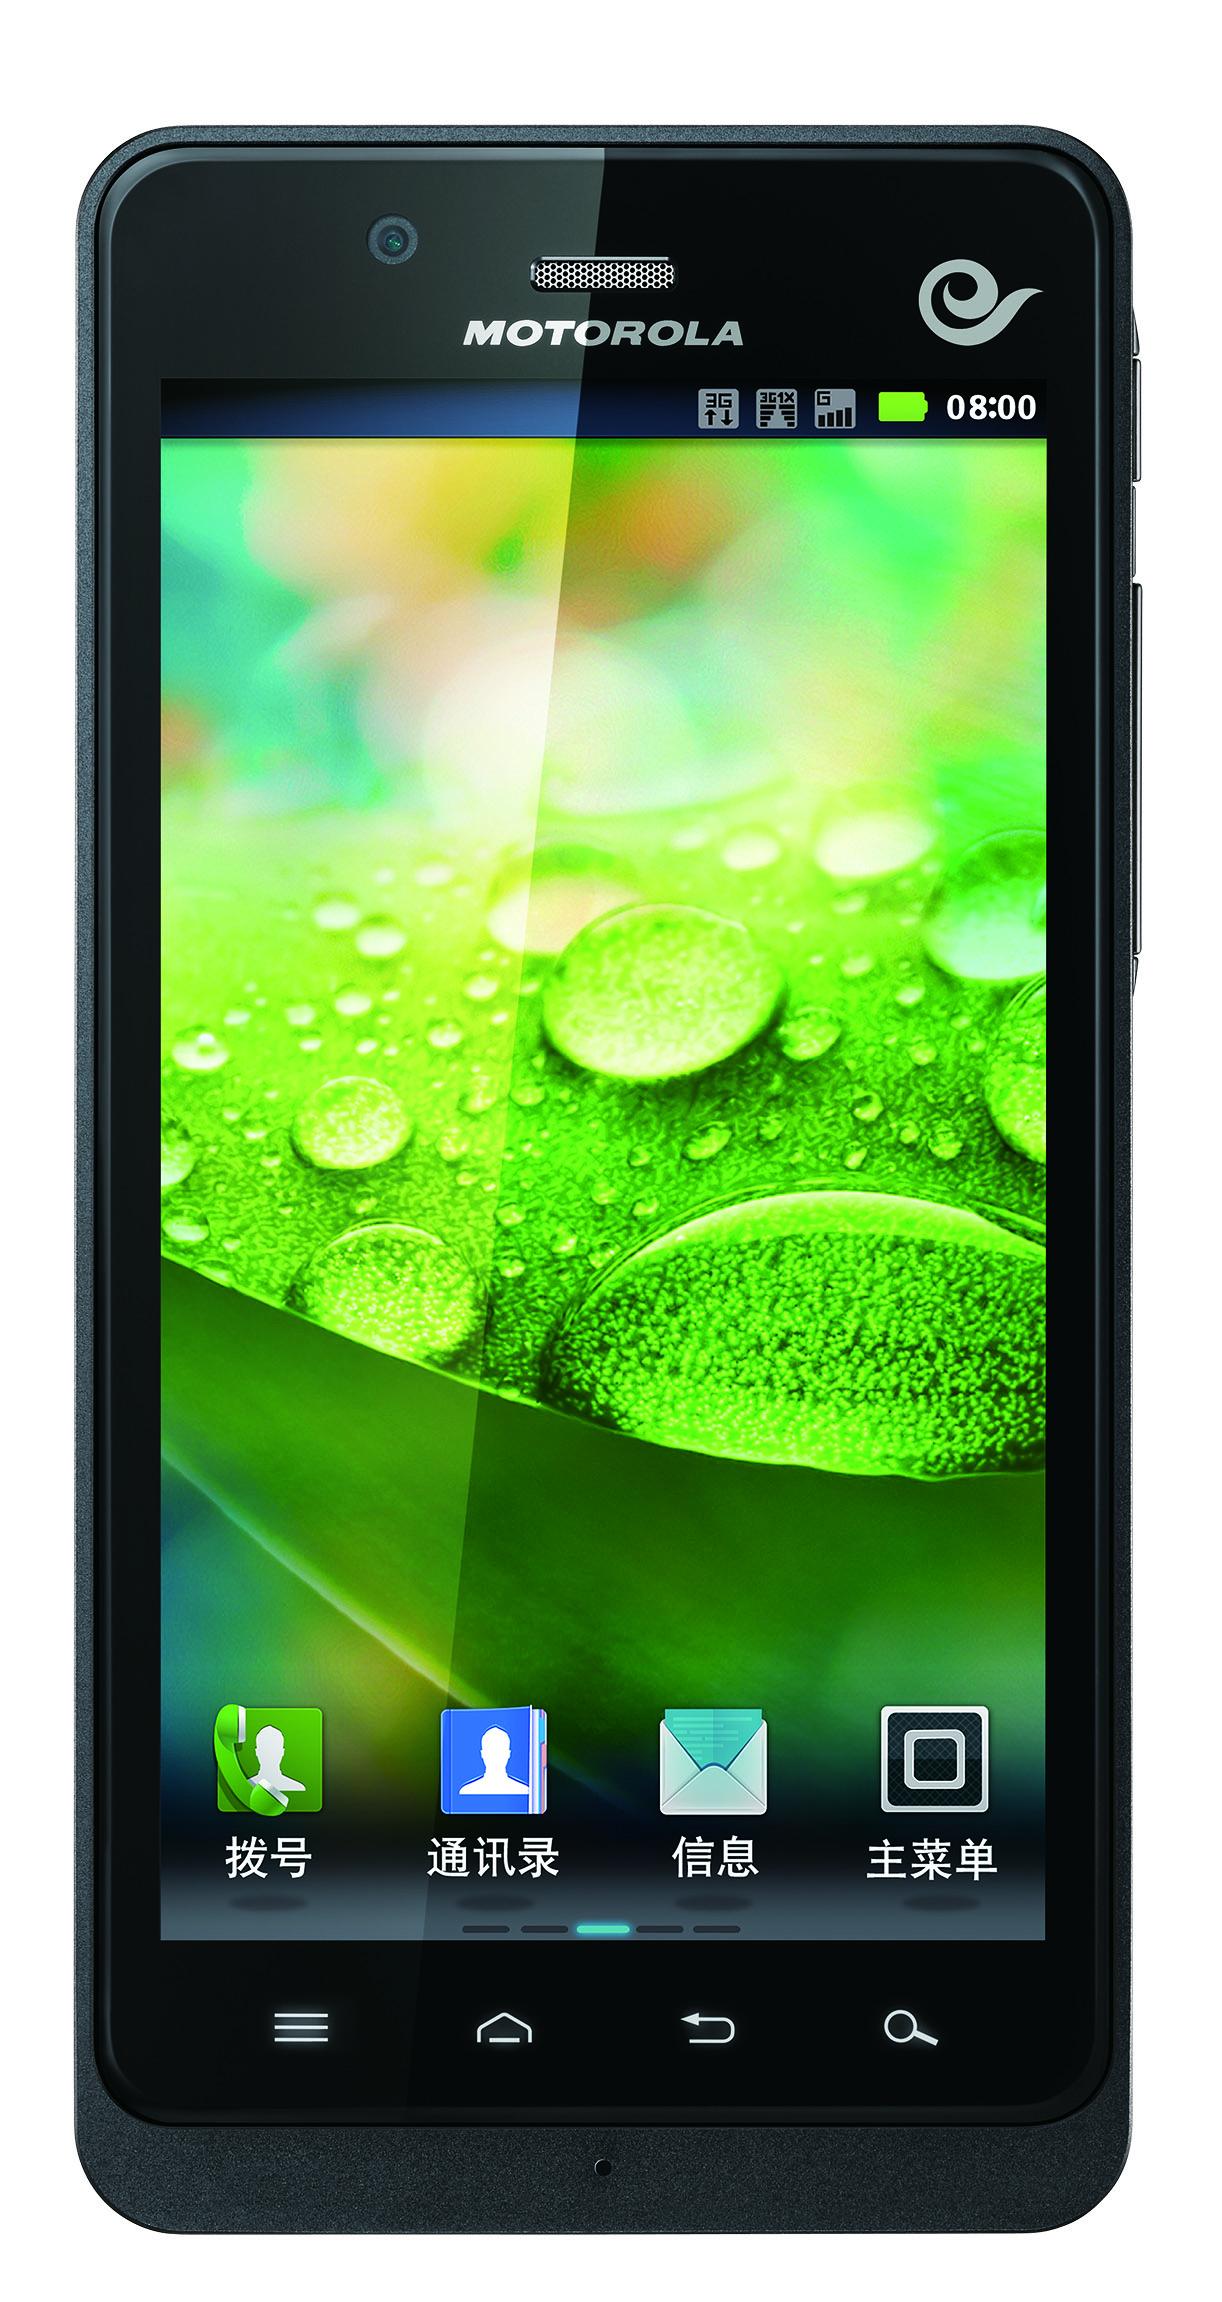 Программы самсунг i5700 на телефон, скачать бесплатно вы также можете